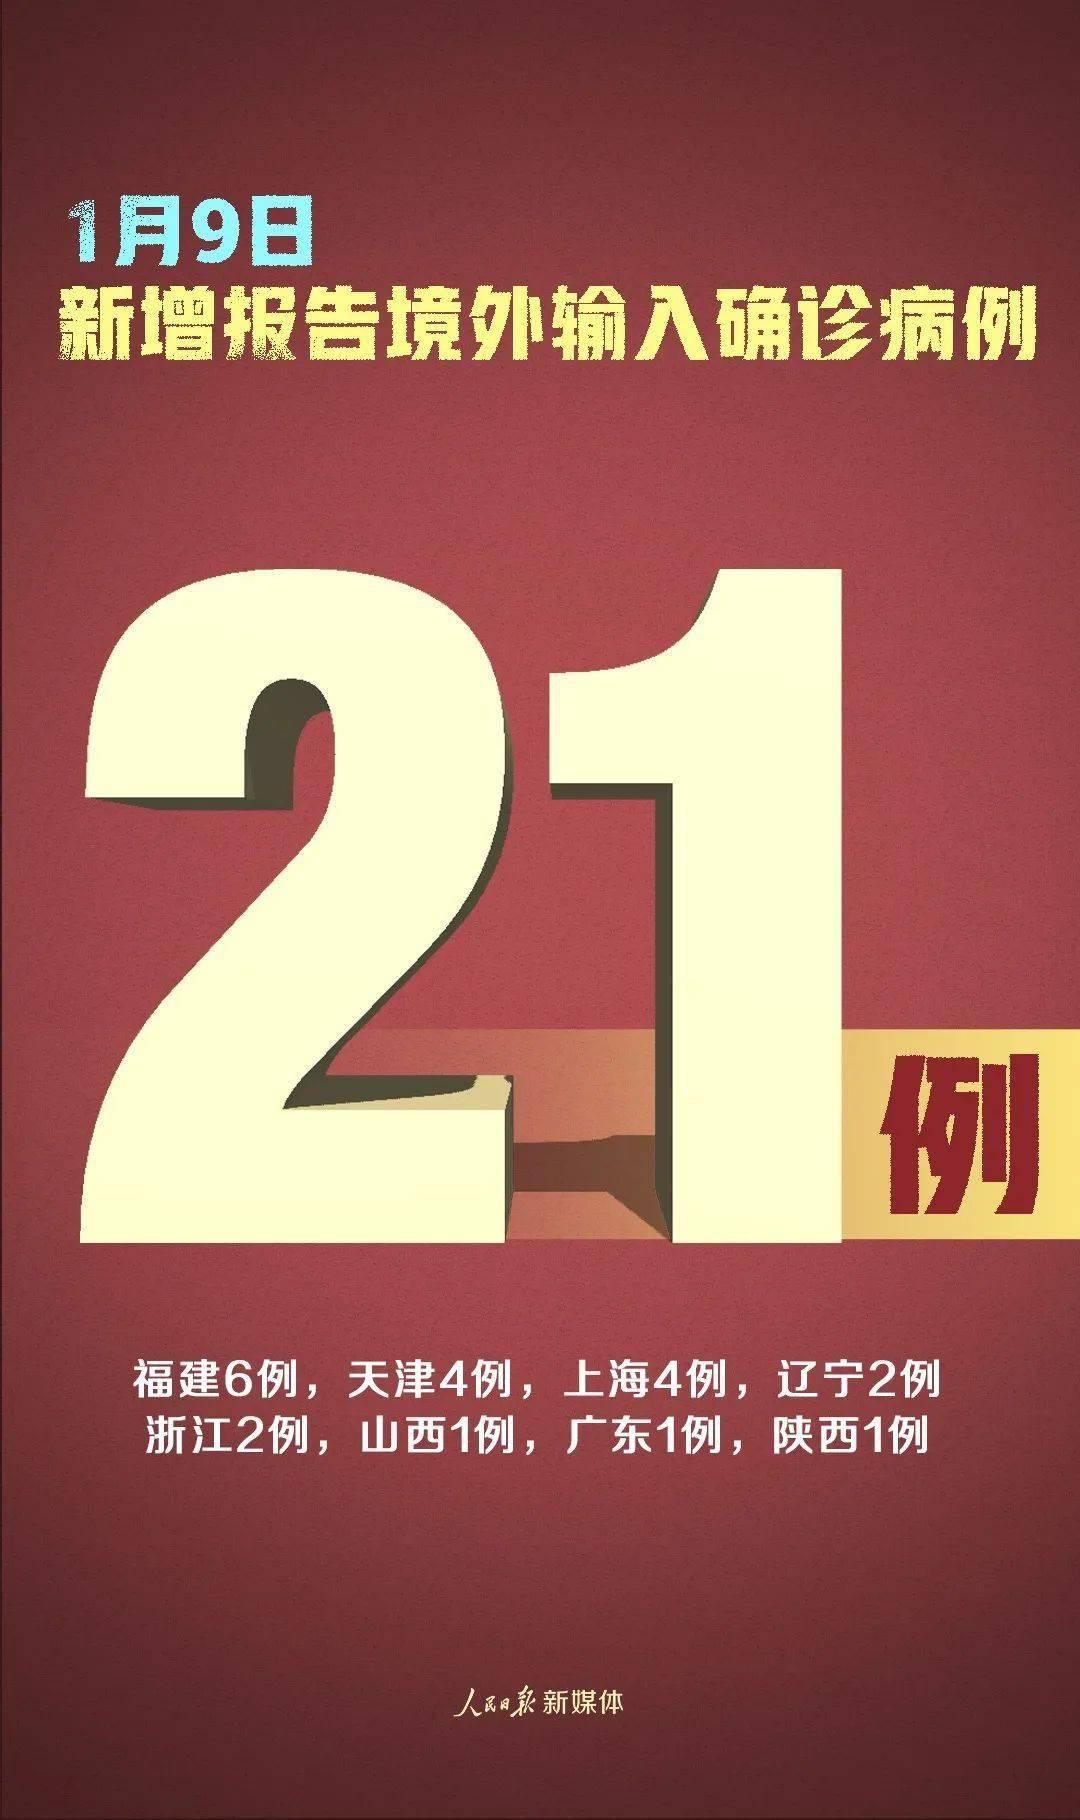 1月9日河南省无新增新冠肺炎确诊病例、疑似病例 